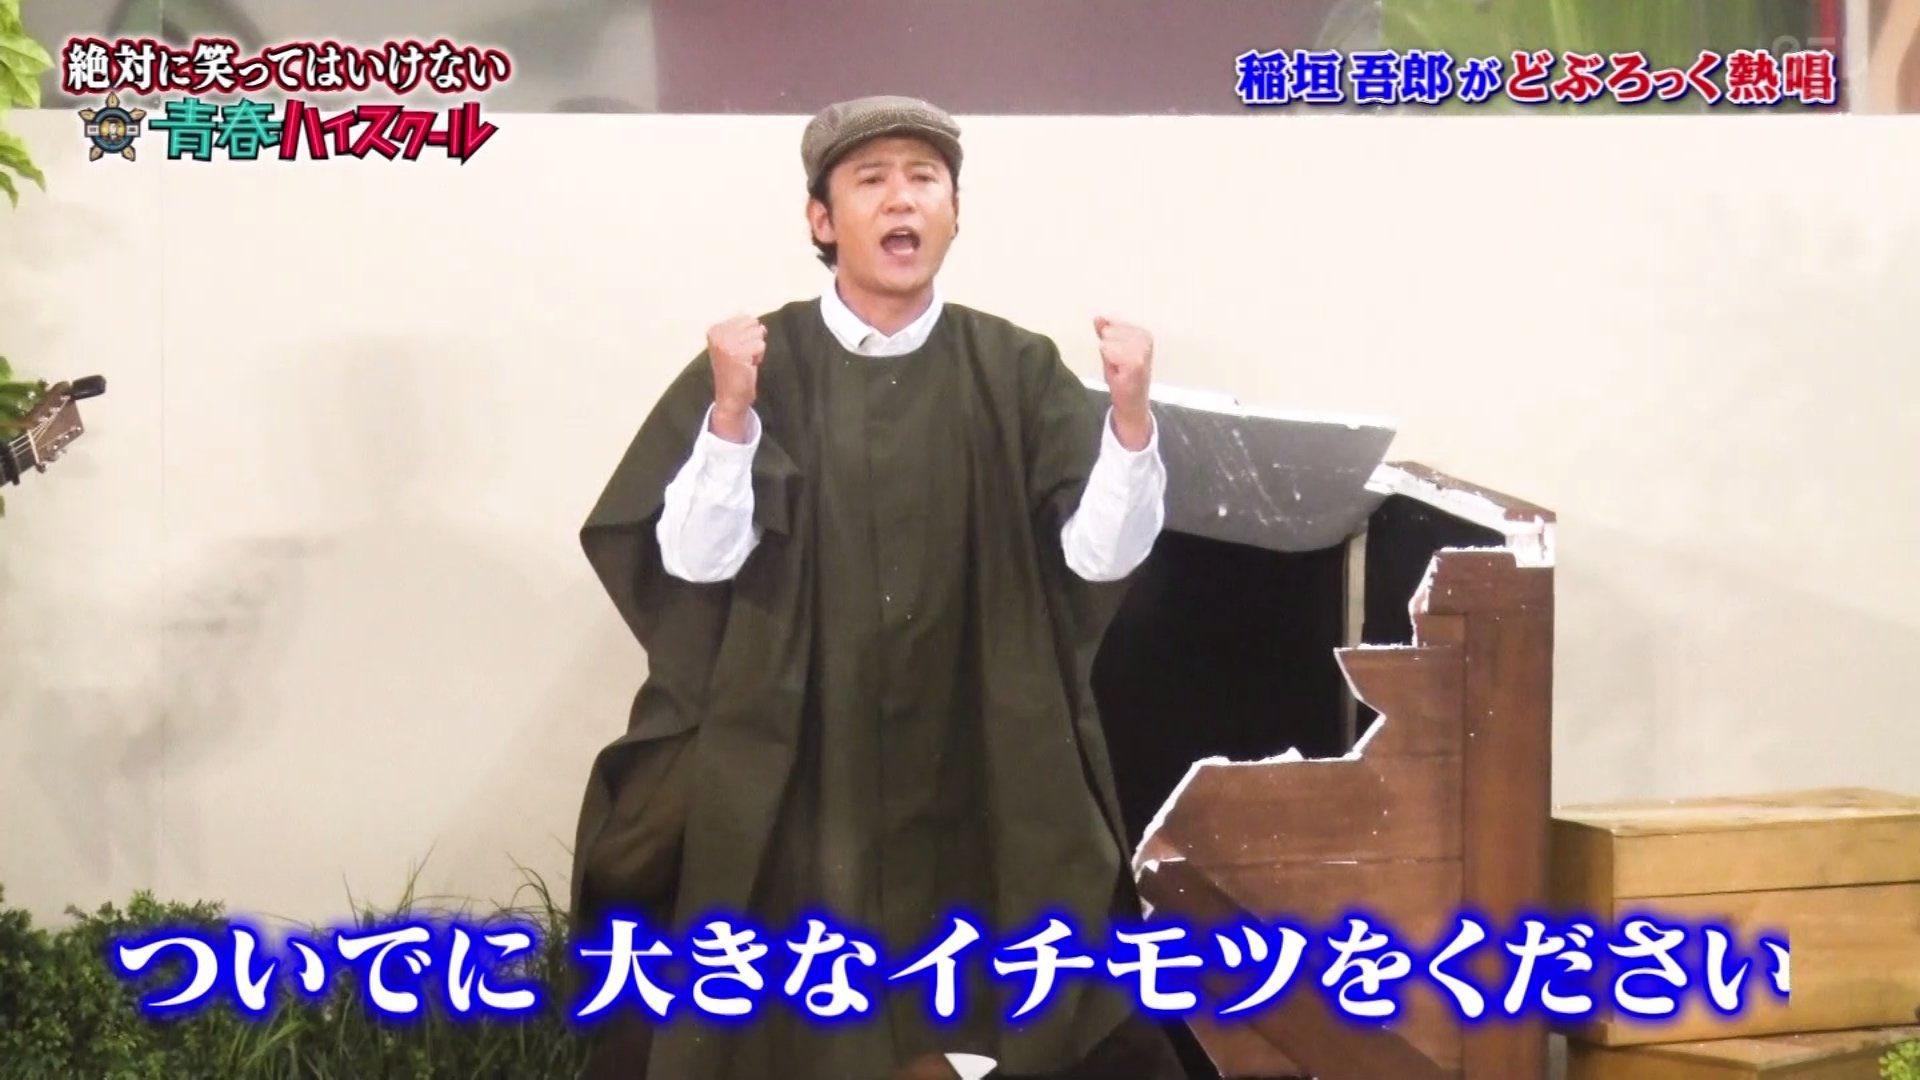 前SMAP成员稻垣吾郎出演红白同档综艺节目(日本电视台)